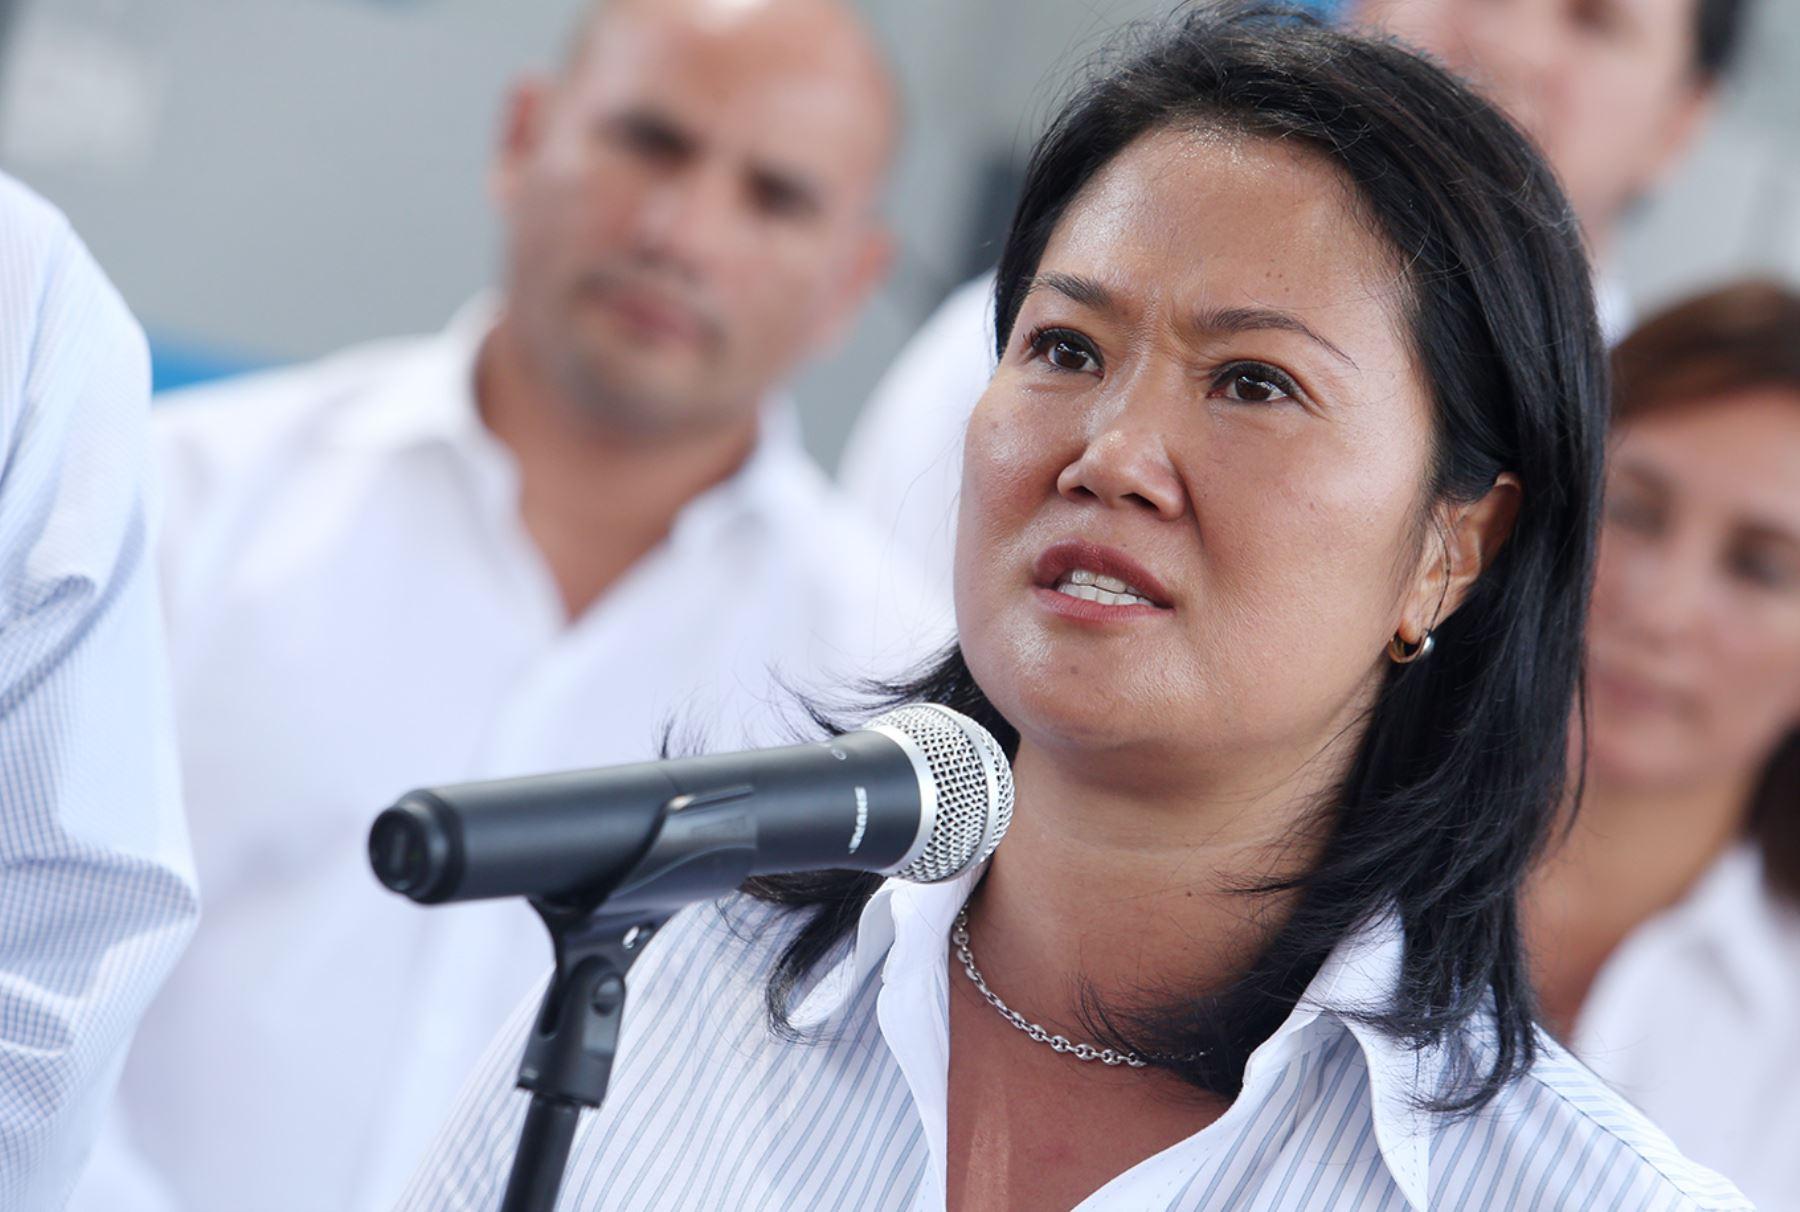 03:45Justicia peruana ordena excarcelación de ex número 2 de Sendero Luminoso